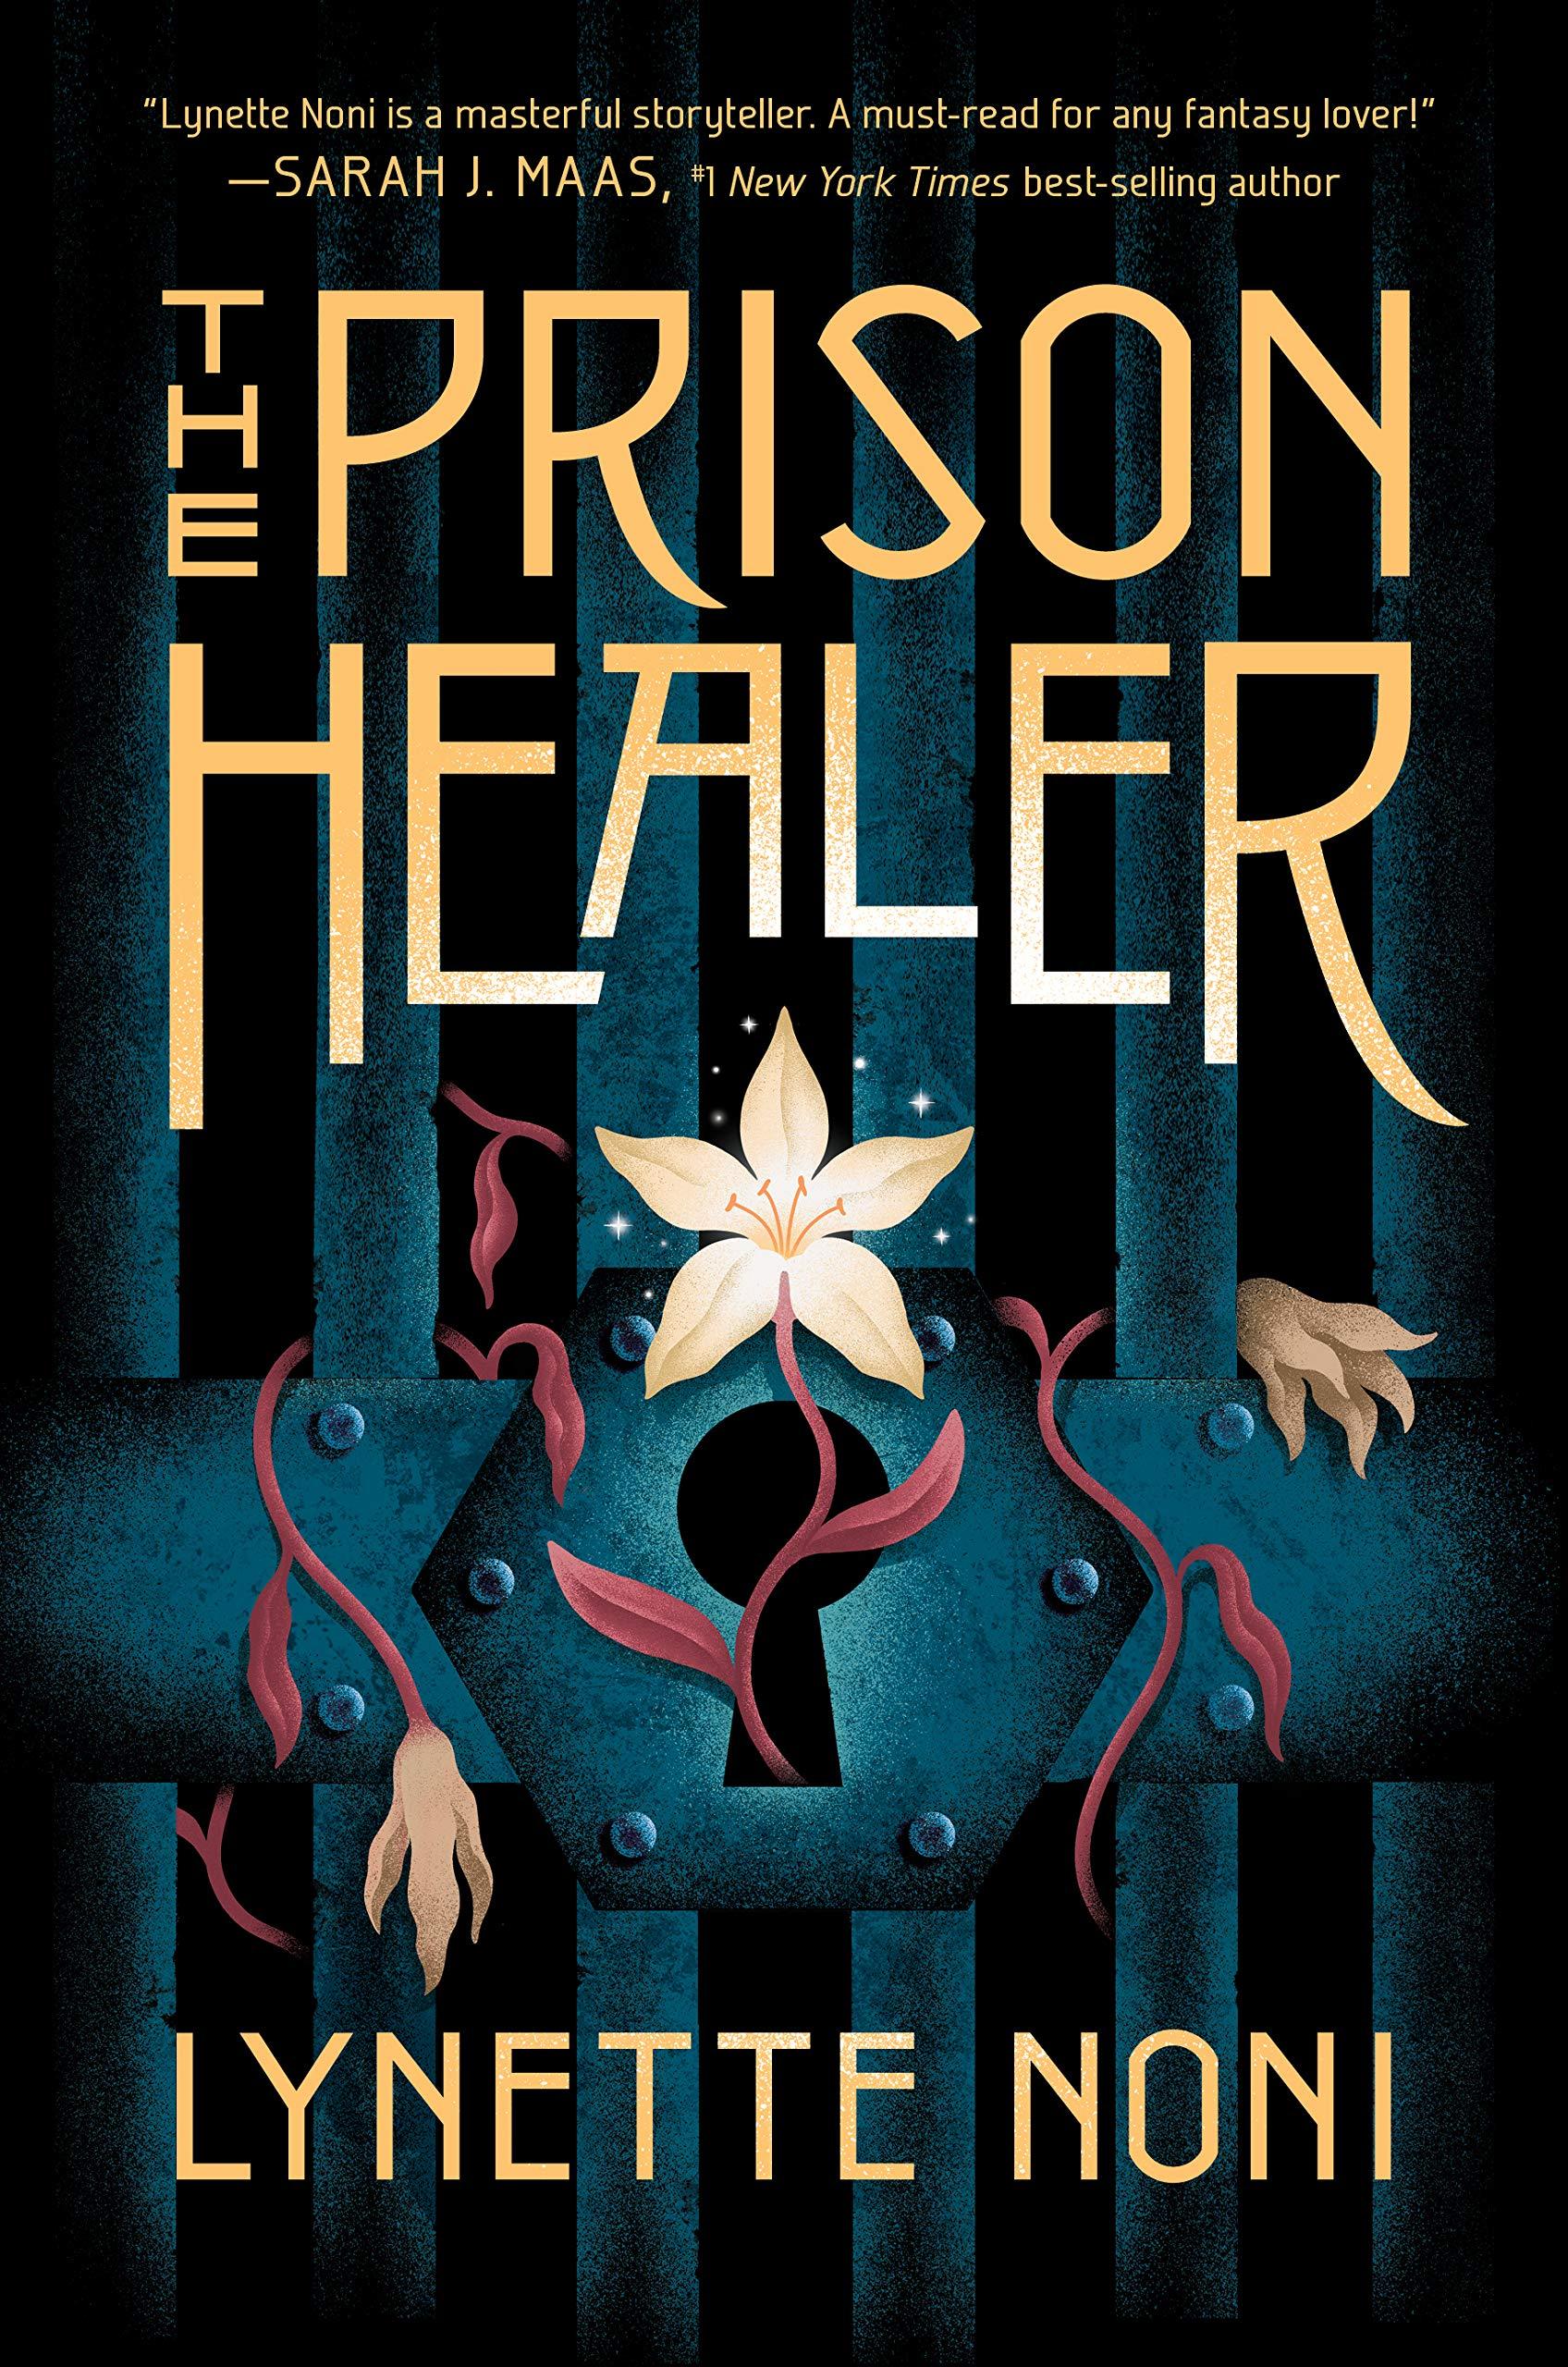 Amazon.com: The Prison Healer (9780358434559): Noni, Lynette: Books